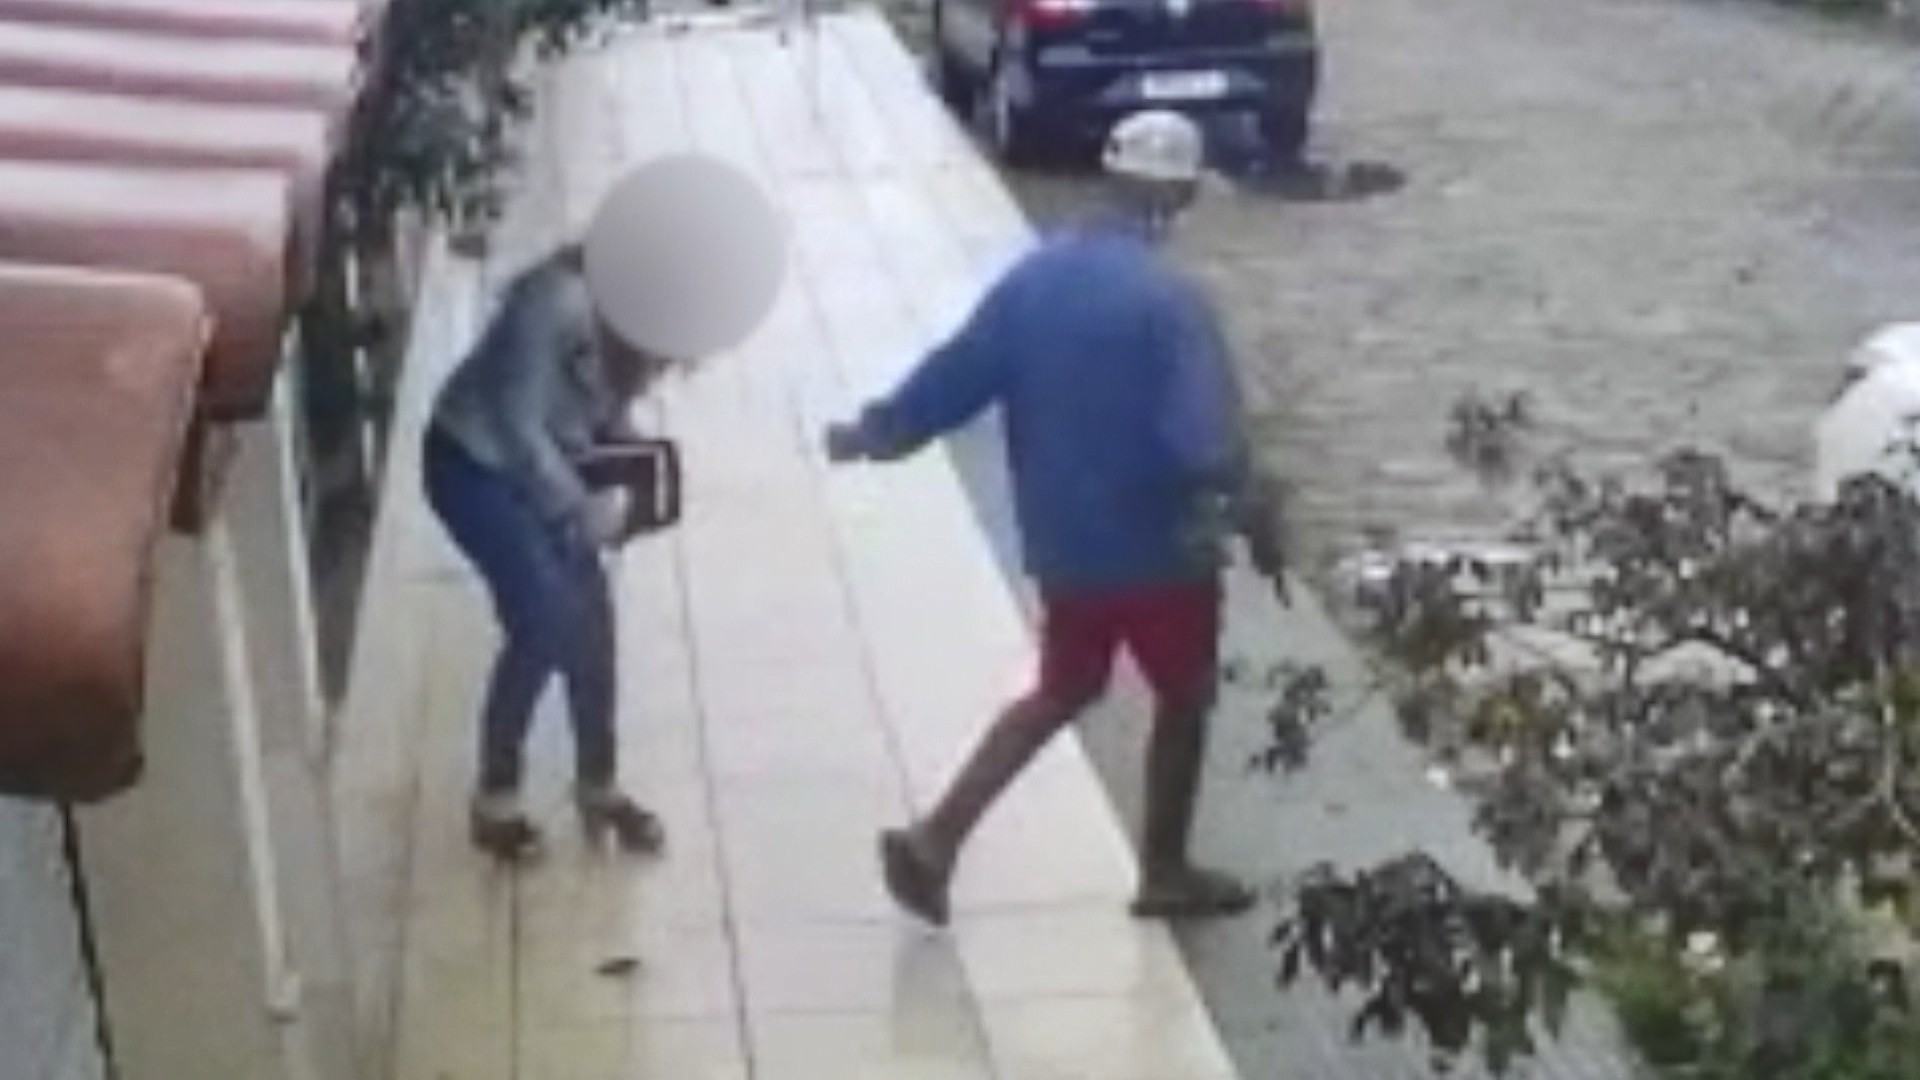 Suspeito de envolvimento em assalto que deixou mulher baleada é preso em Vila Velha, ES